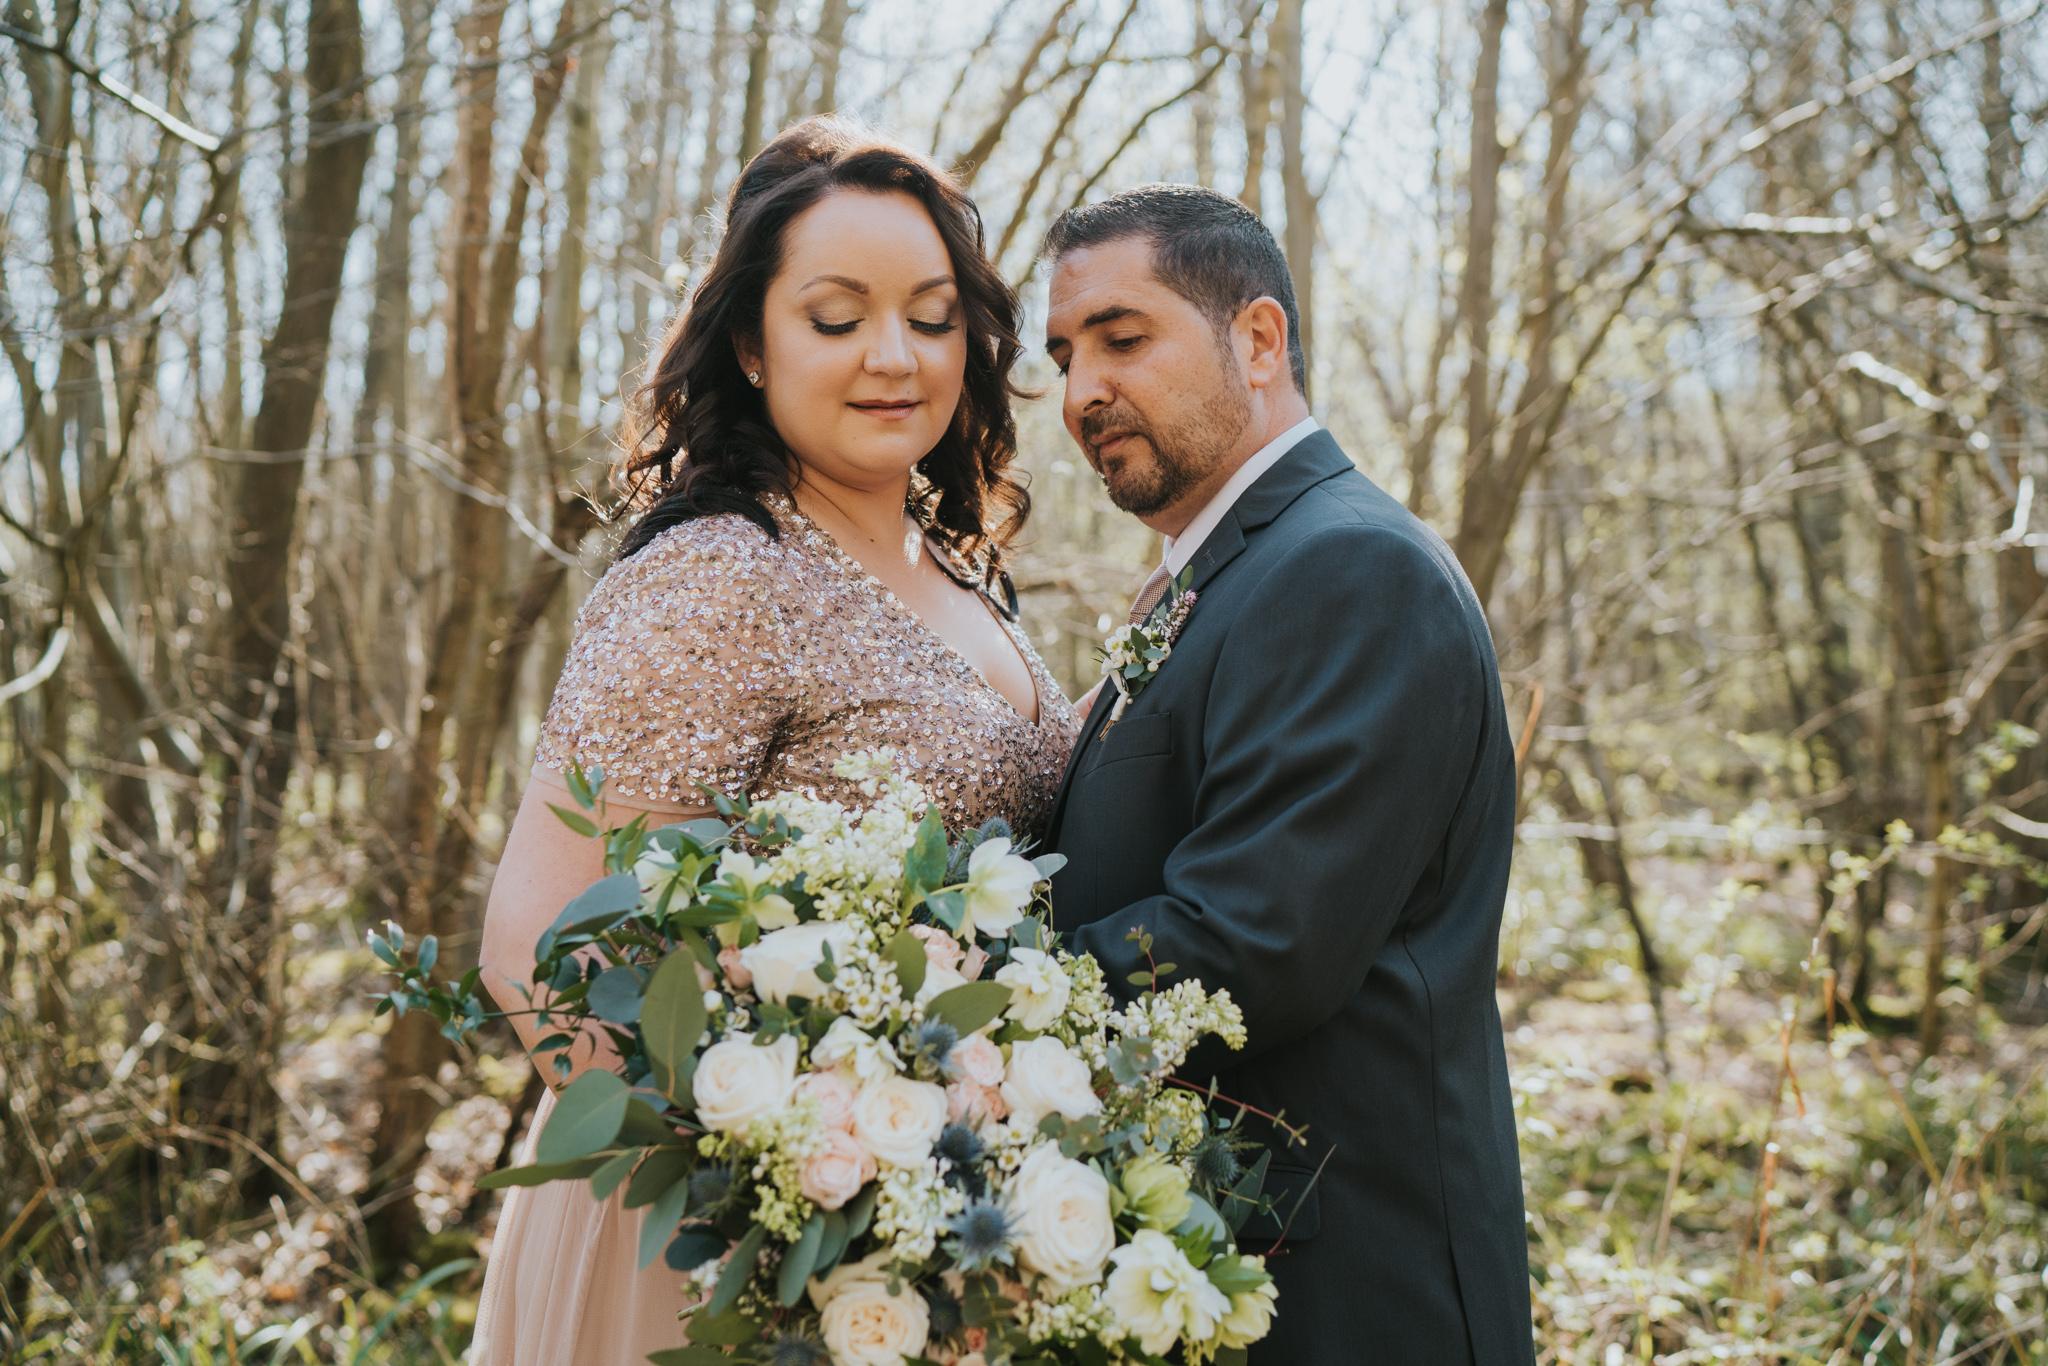 yuliya-yafith-colchester-essex-woodland-elopement-alternative-wedding-photographer-grace-elizabeth-essex-suffolk-norfolk-devon (6 of 40).jpg